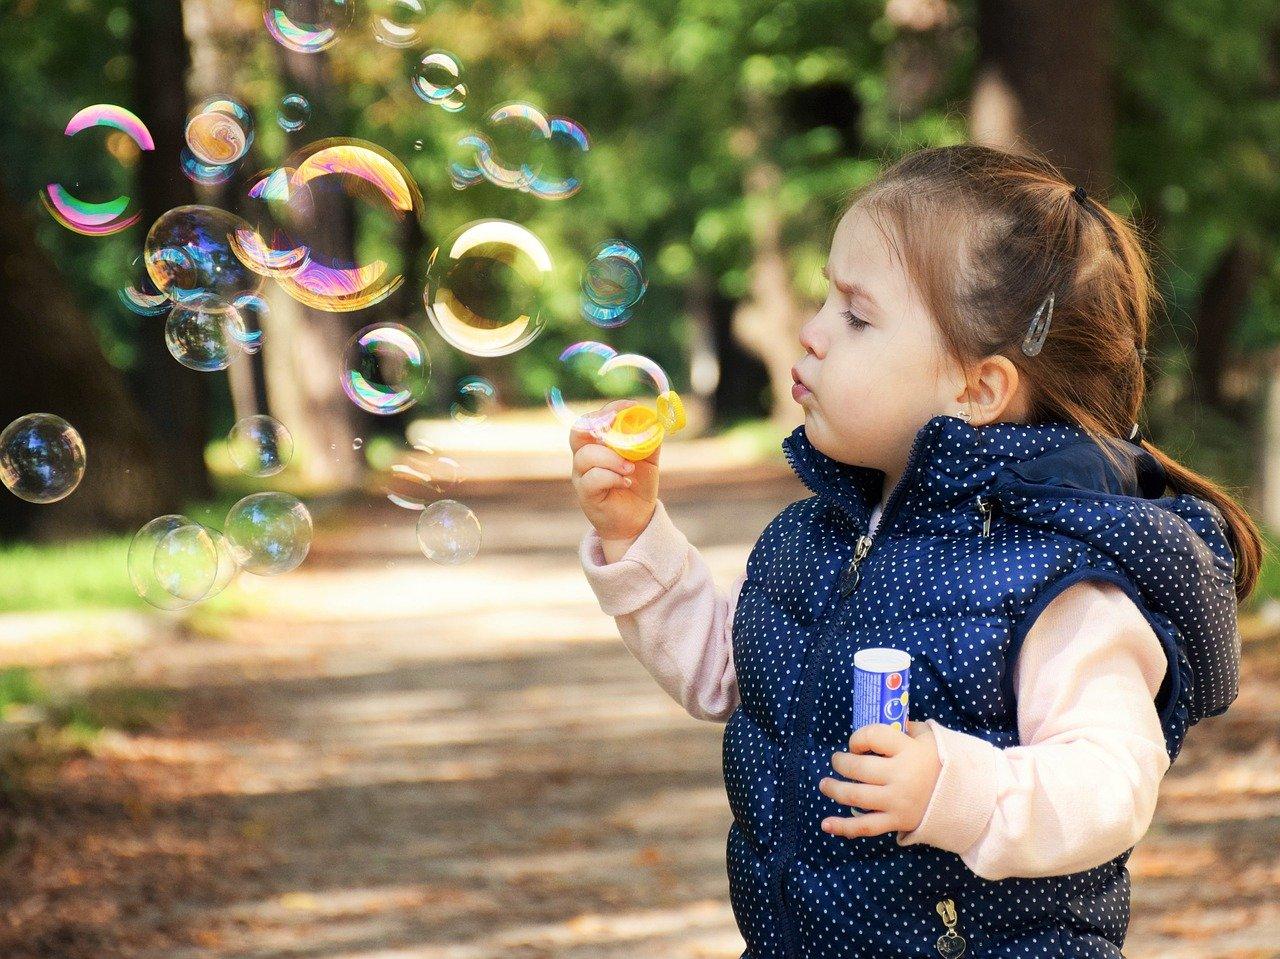 Santé de l'enfant : prendre soin de la santé des enfants.